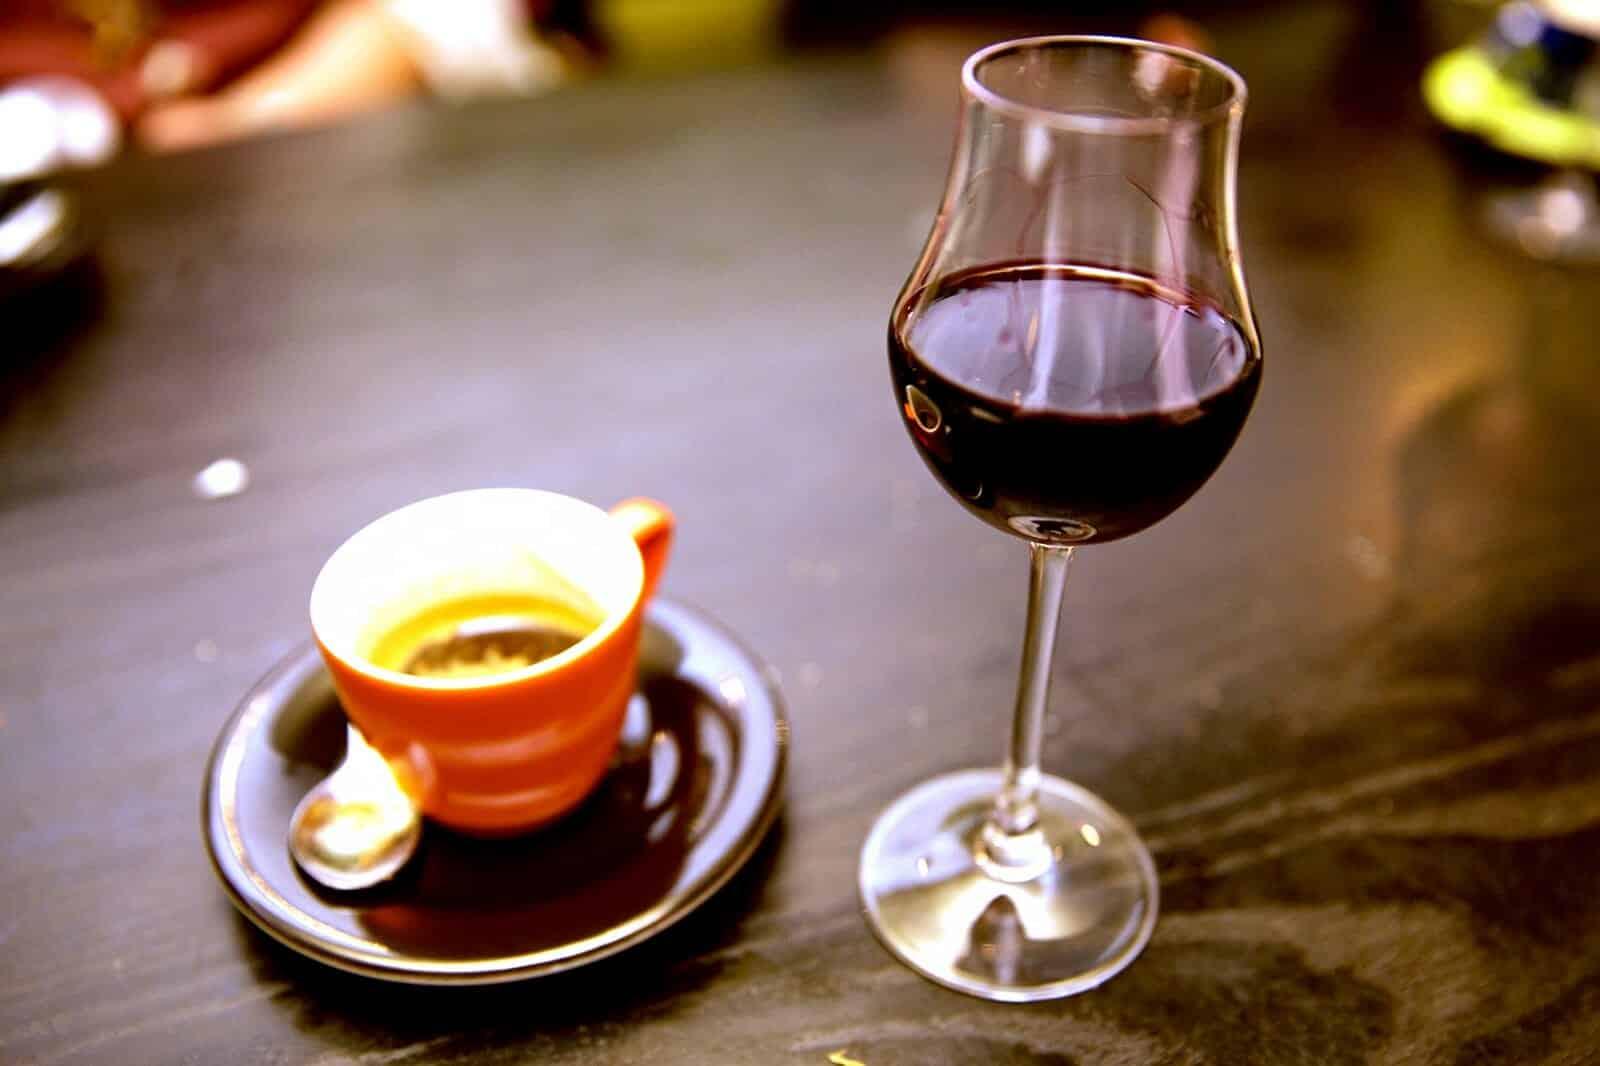 Koffie vs rode wijn